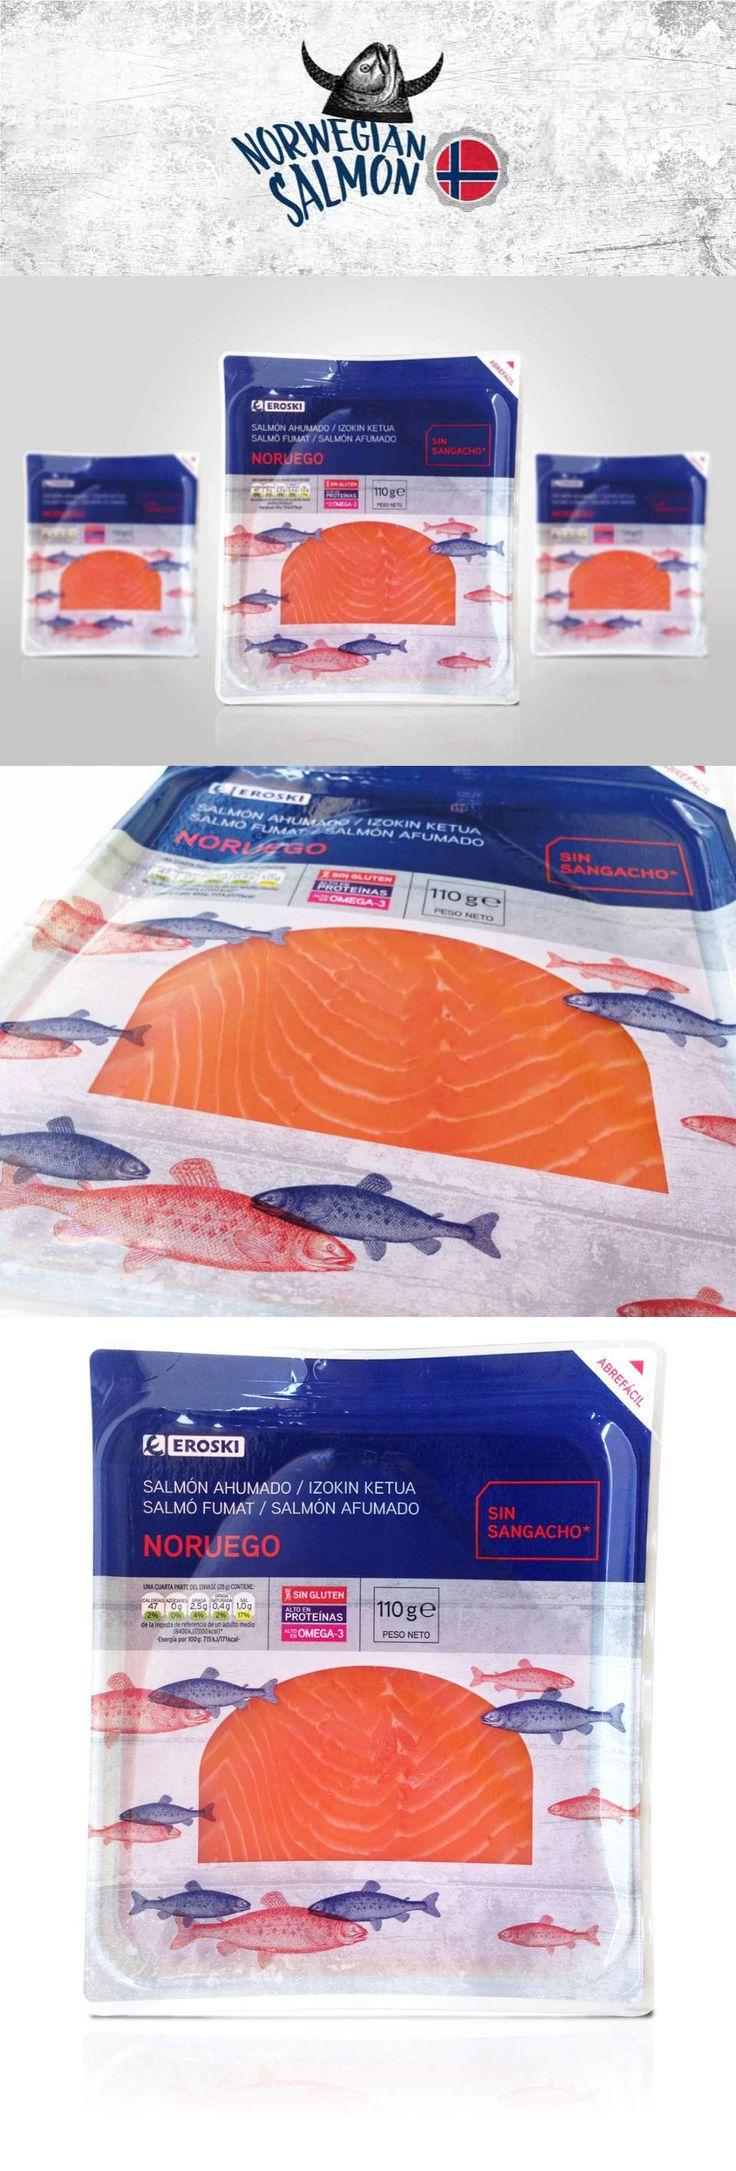 Diseño del packaging del salmón Eroski.  #design #diseño #graphicdesign #diseñográfico #salmon #packaging #eroski #layout #campaña #suscreativos #publicidadymarketing